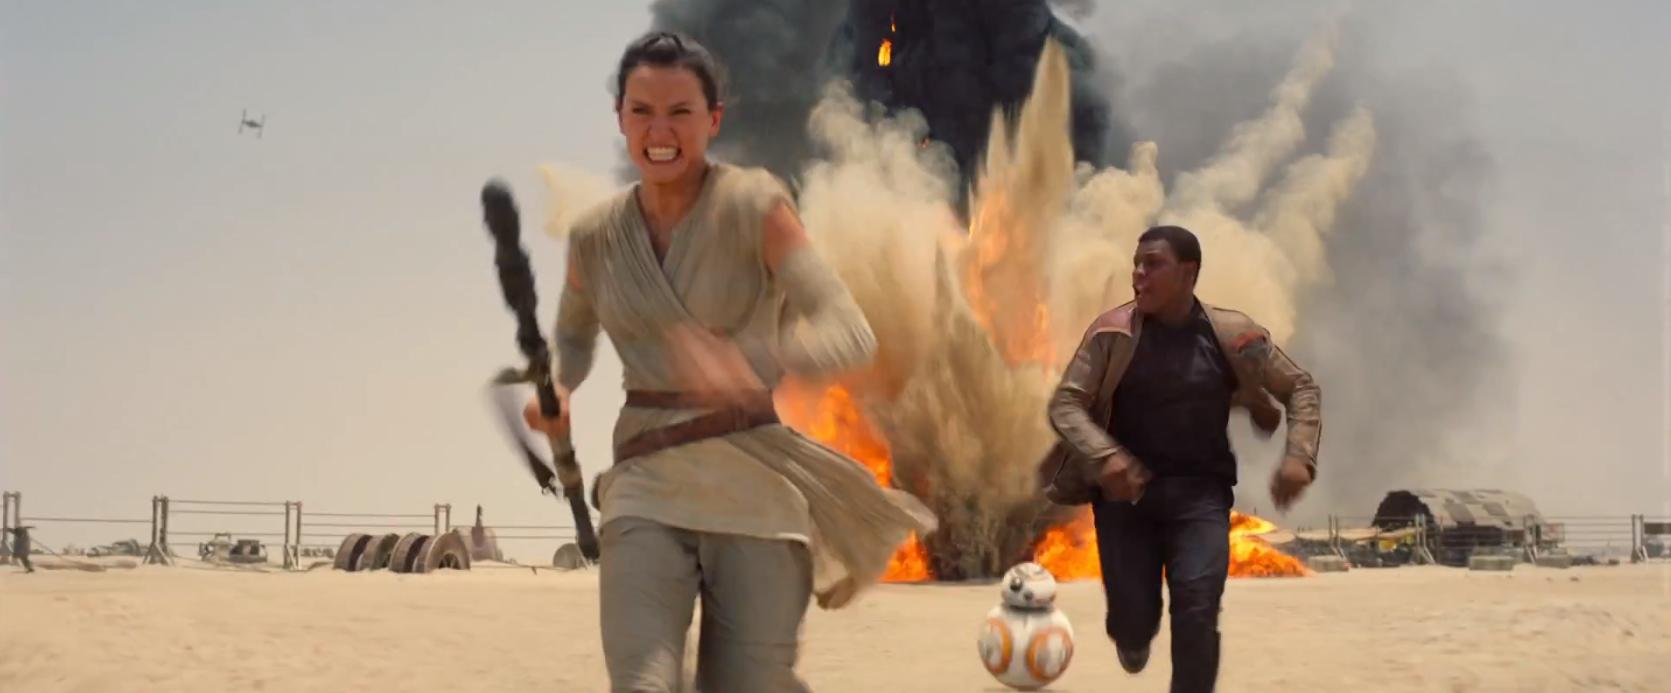 Star Wars: The Force Awakens teaser trailer